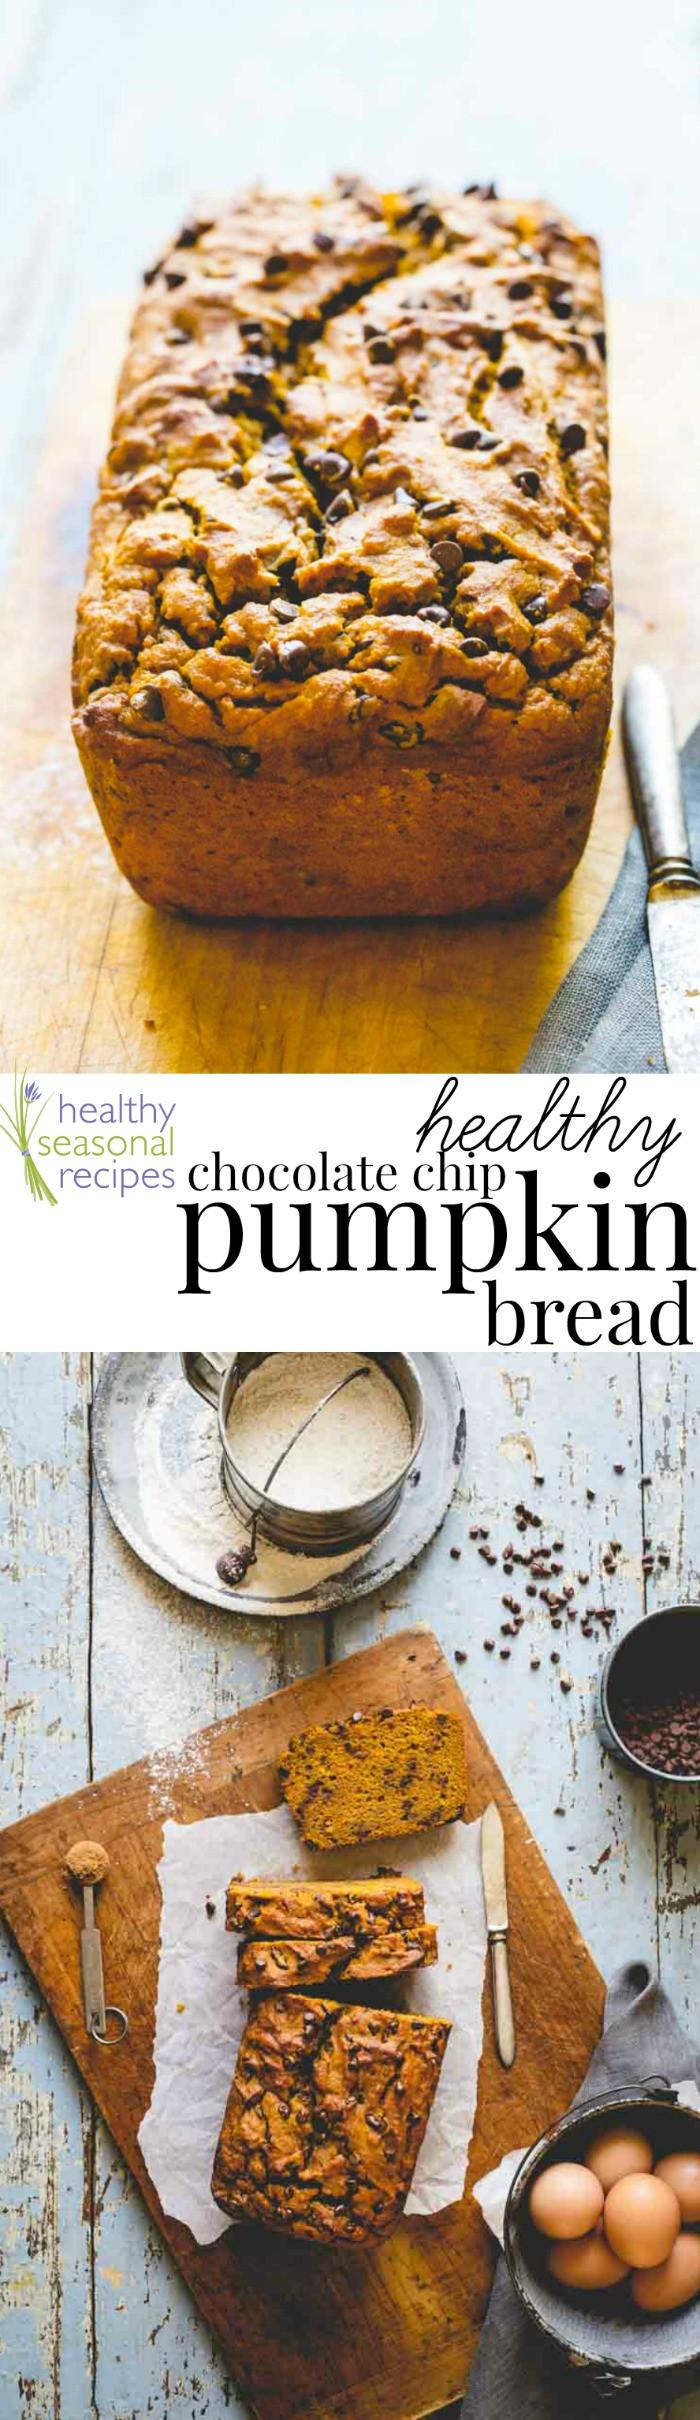 Healthy Pumpkin Chocolate Chip Bread  healthy chocolate chip pumpkin bread Healthy Seasonal